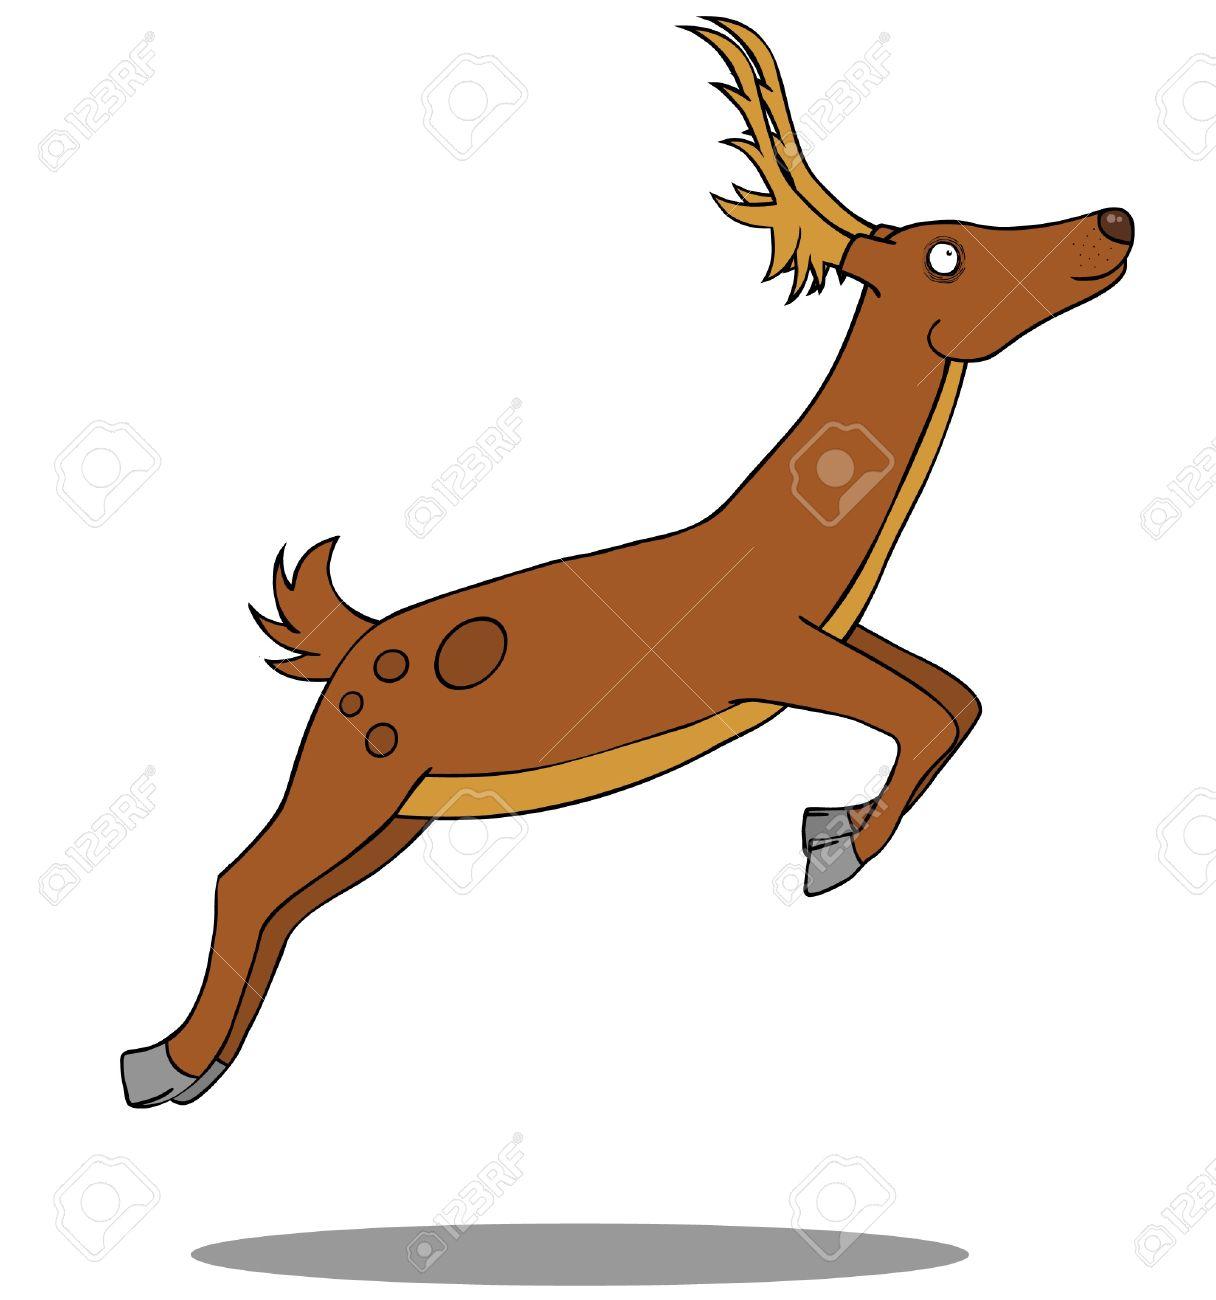 1216x1300 Running Deer Clipart Amp Running Deer Clip Art Images